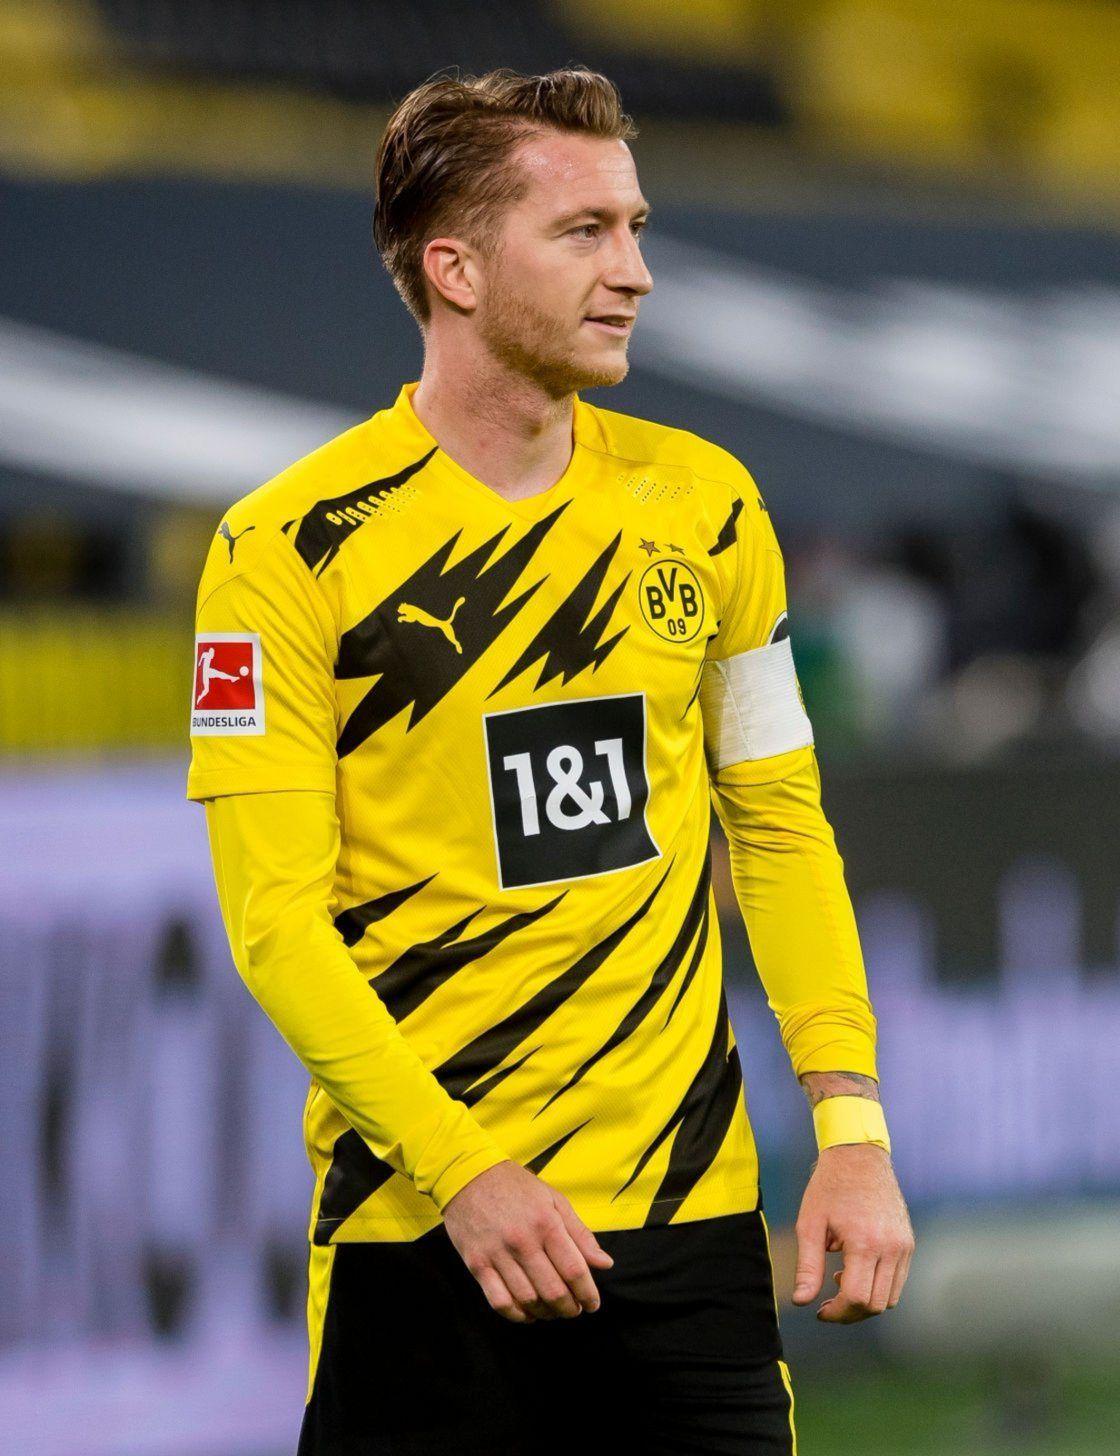 Heart Is Bvb Bravertz Brought Me Back To Tumblr Marco Against Schalke 24 10 2020 Julian Putting Bvb Borussia Dortmund Dortmund